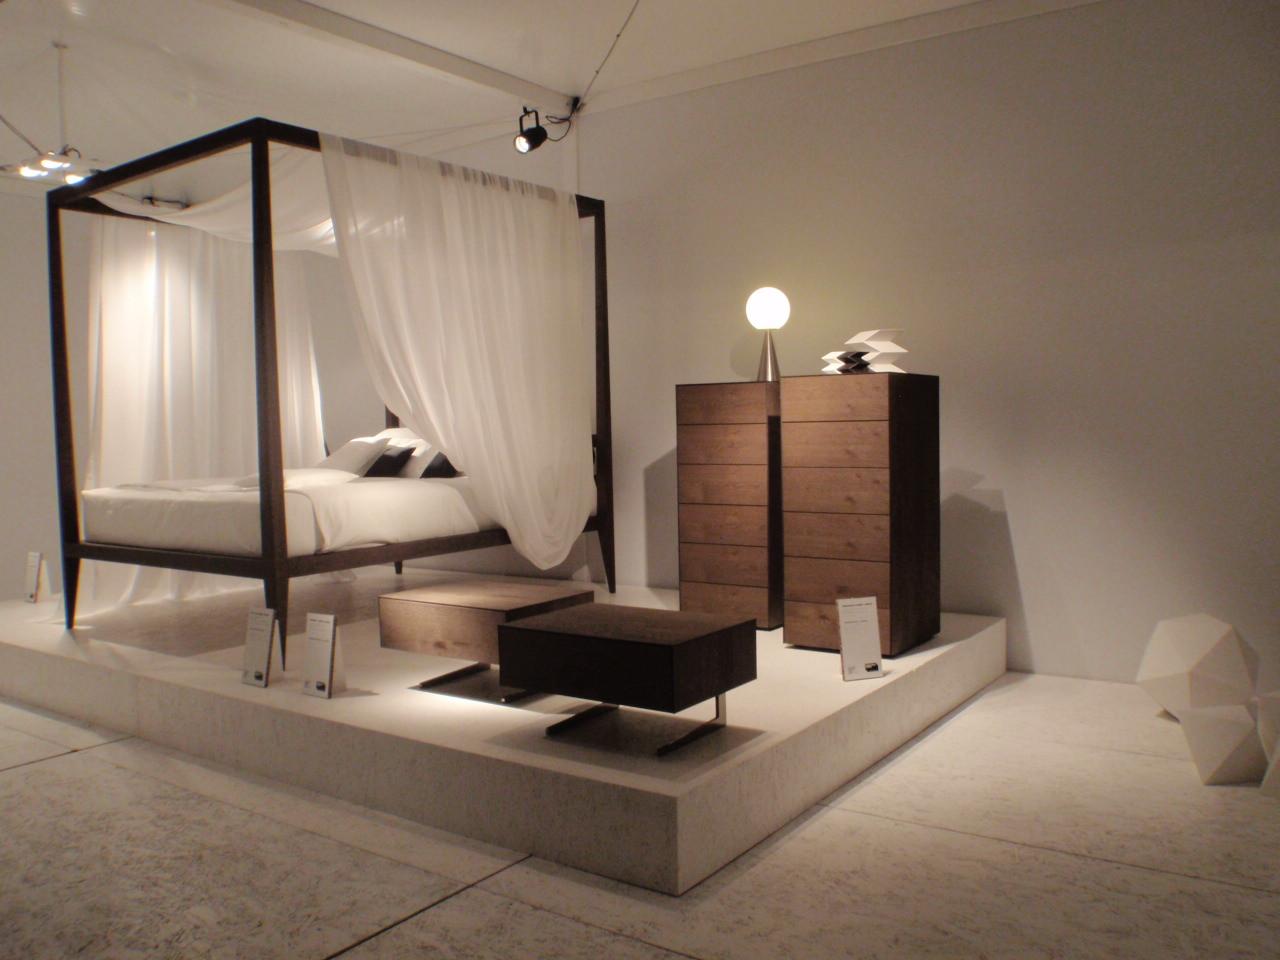 Humus park archives non solo mobili cucina soggiorno e camera - Baldacchino letto ...